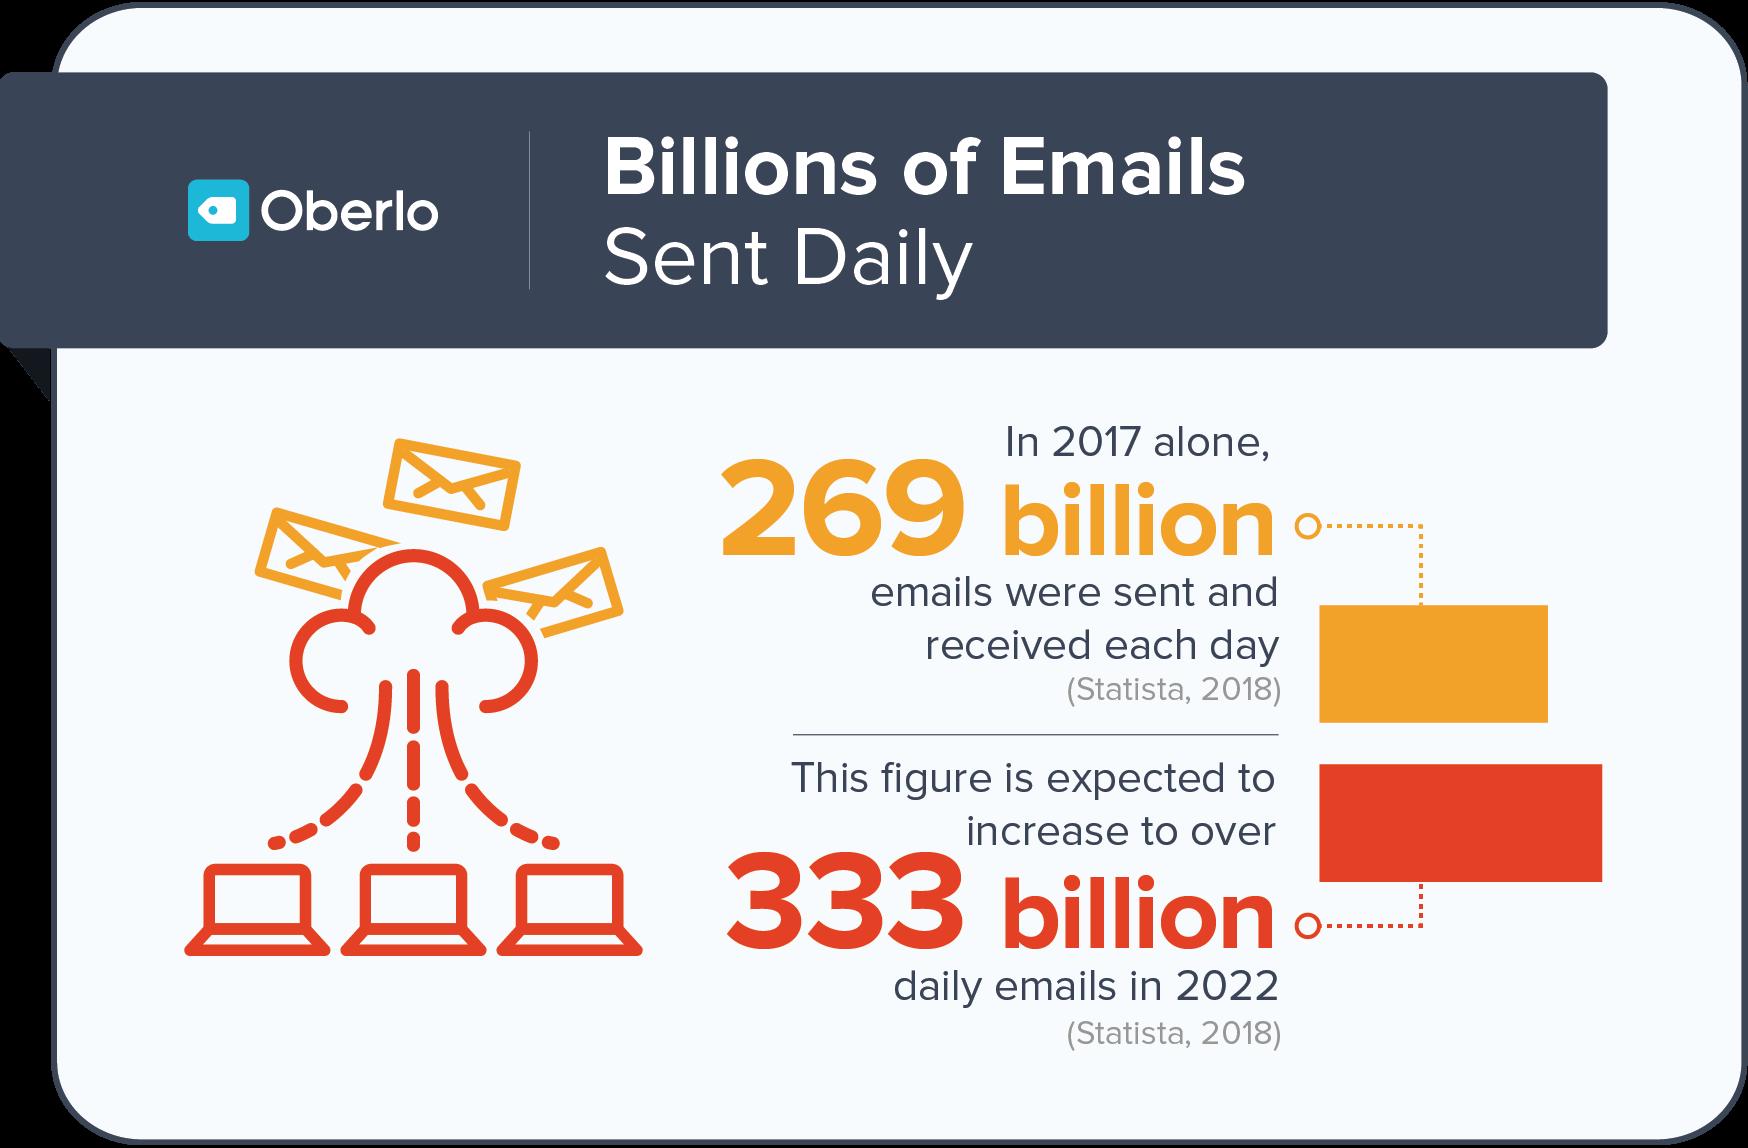 Xu hướng sử dụng email